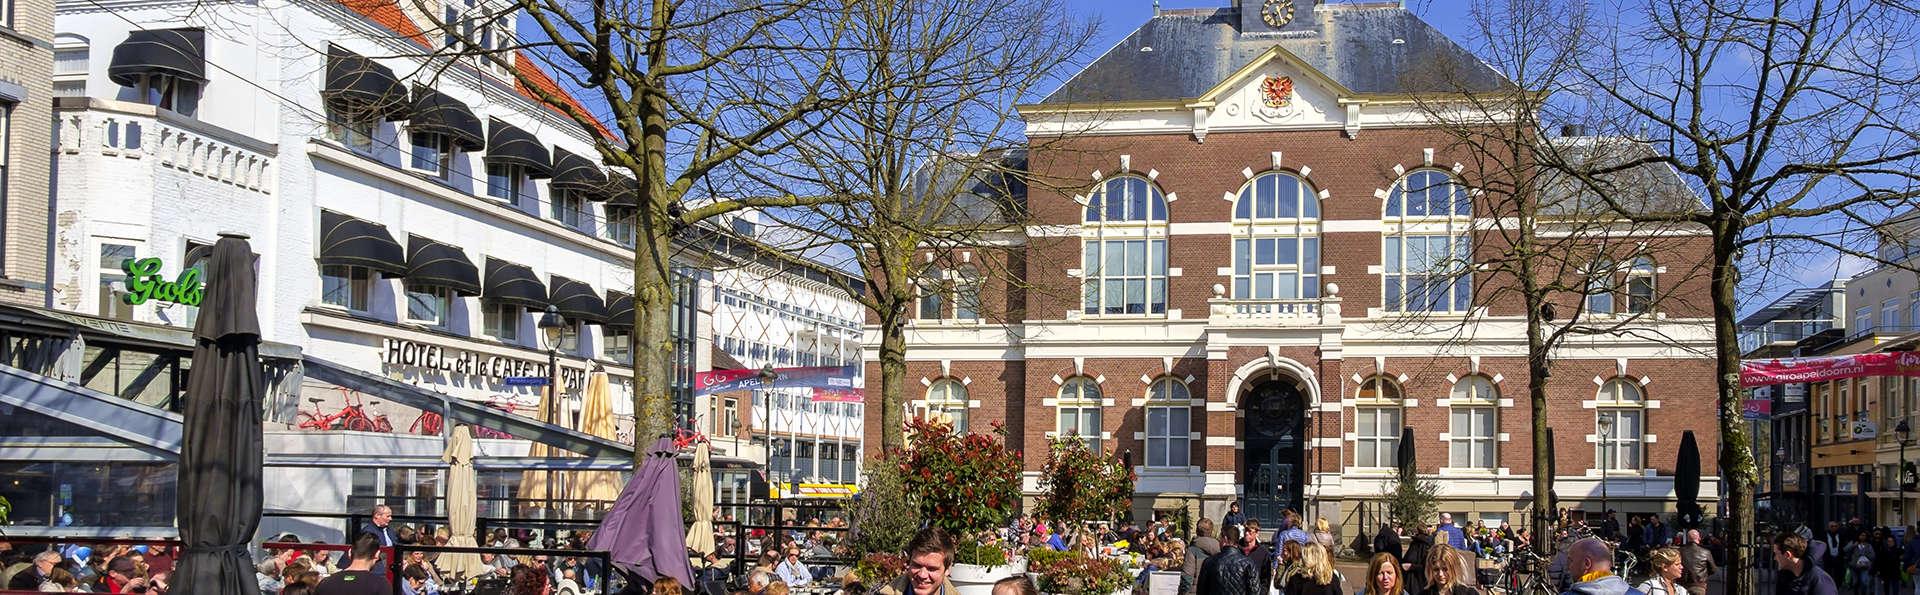 Fletcher Hotel Restaurant Beekbergen-Apeldoorn - Edit_Apeldoorn.jpg